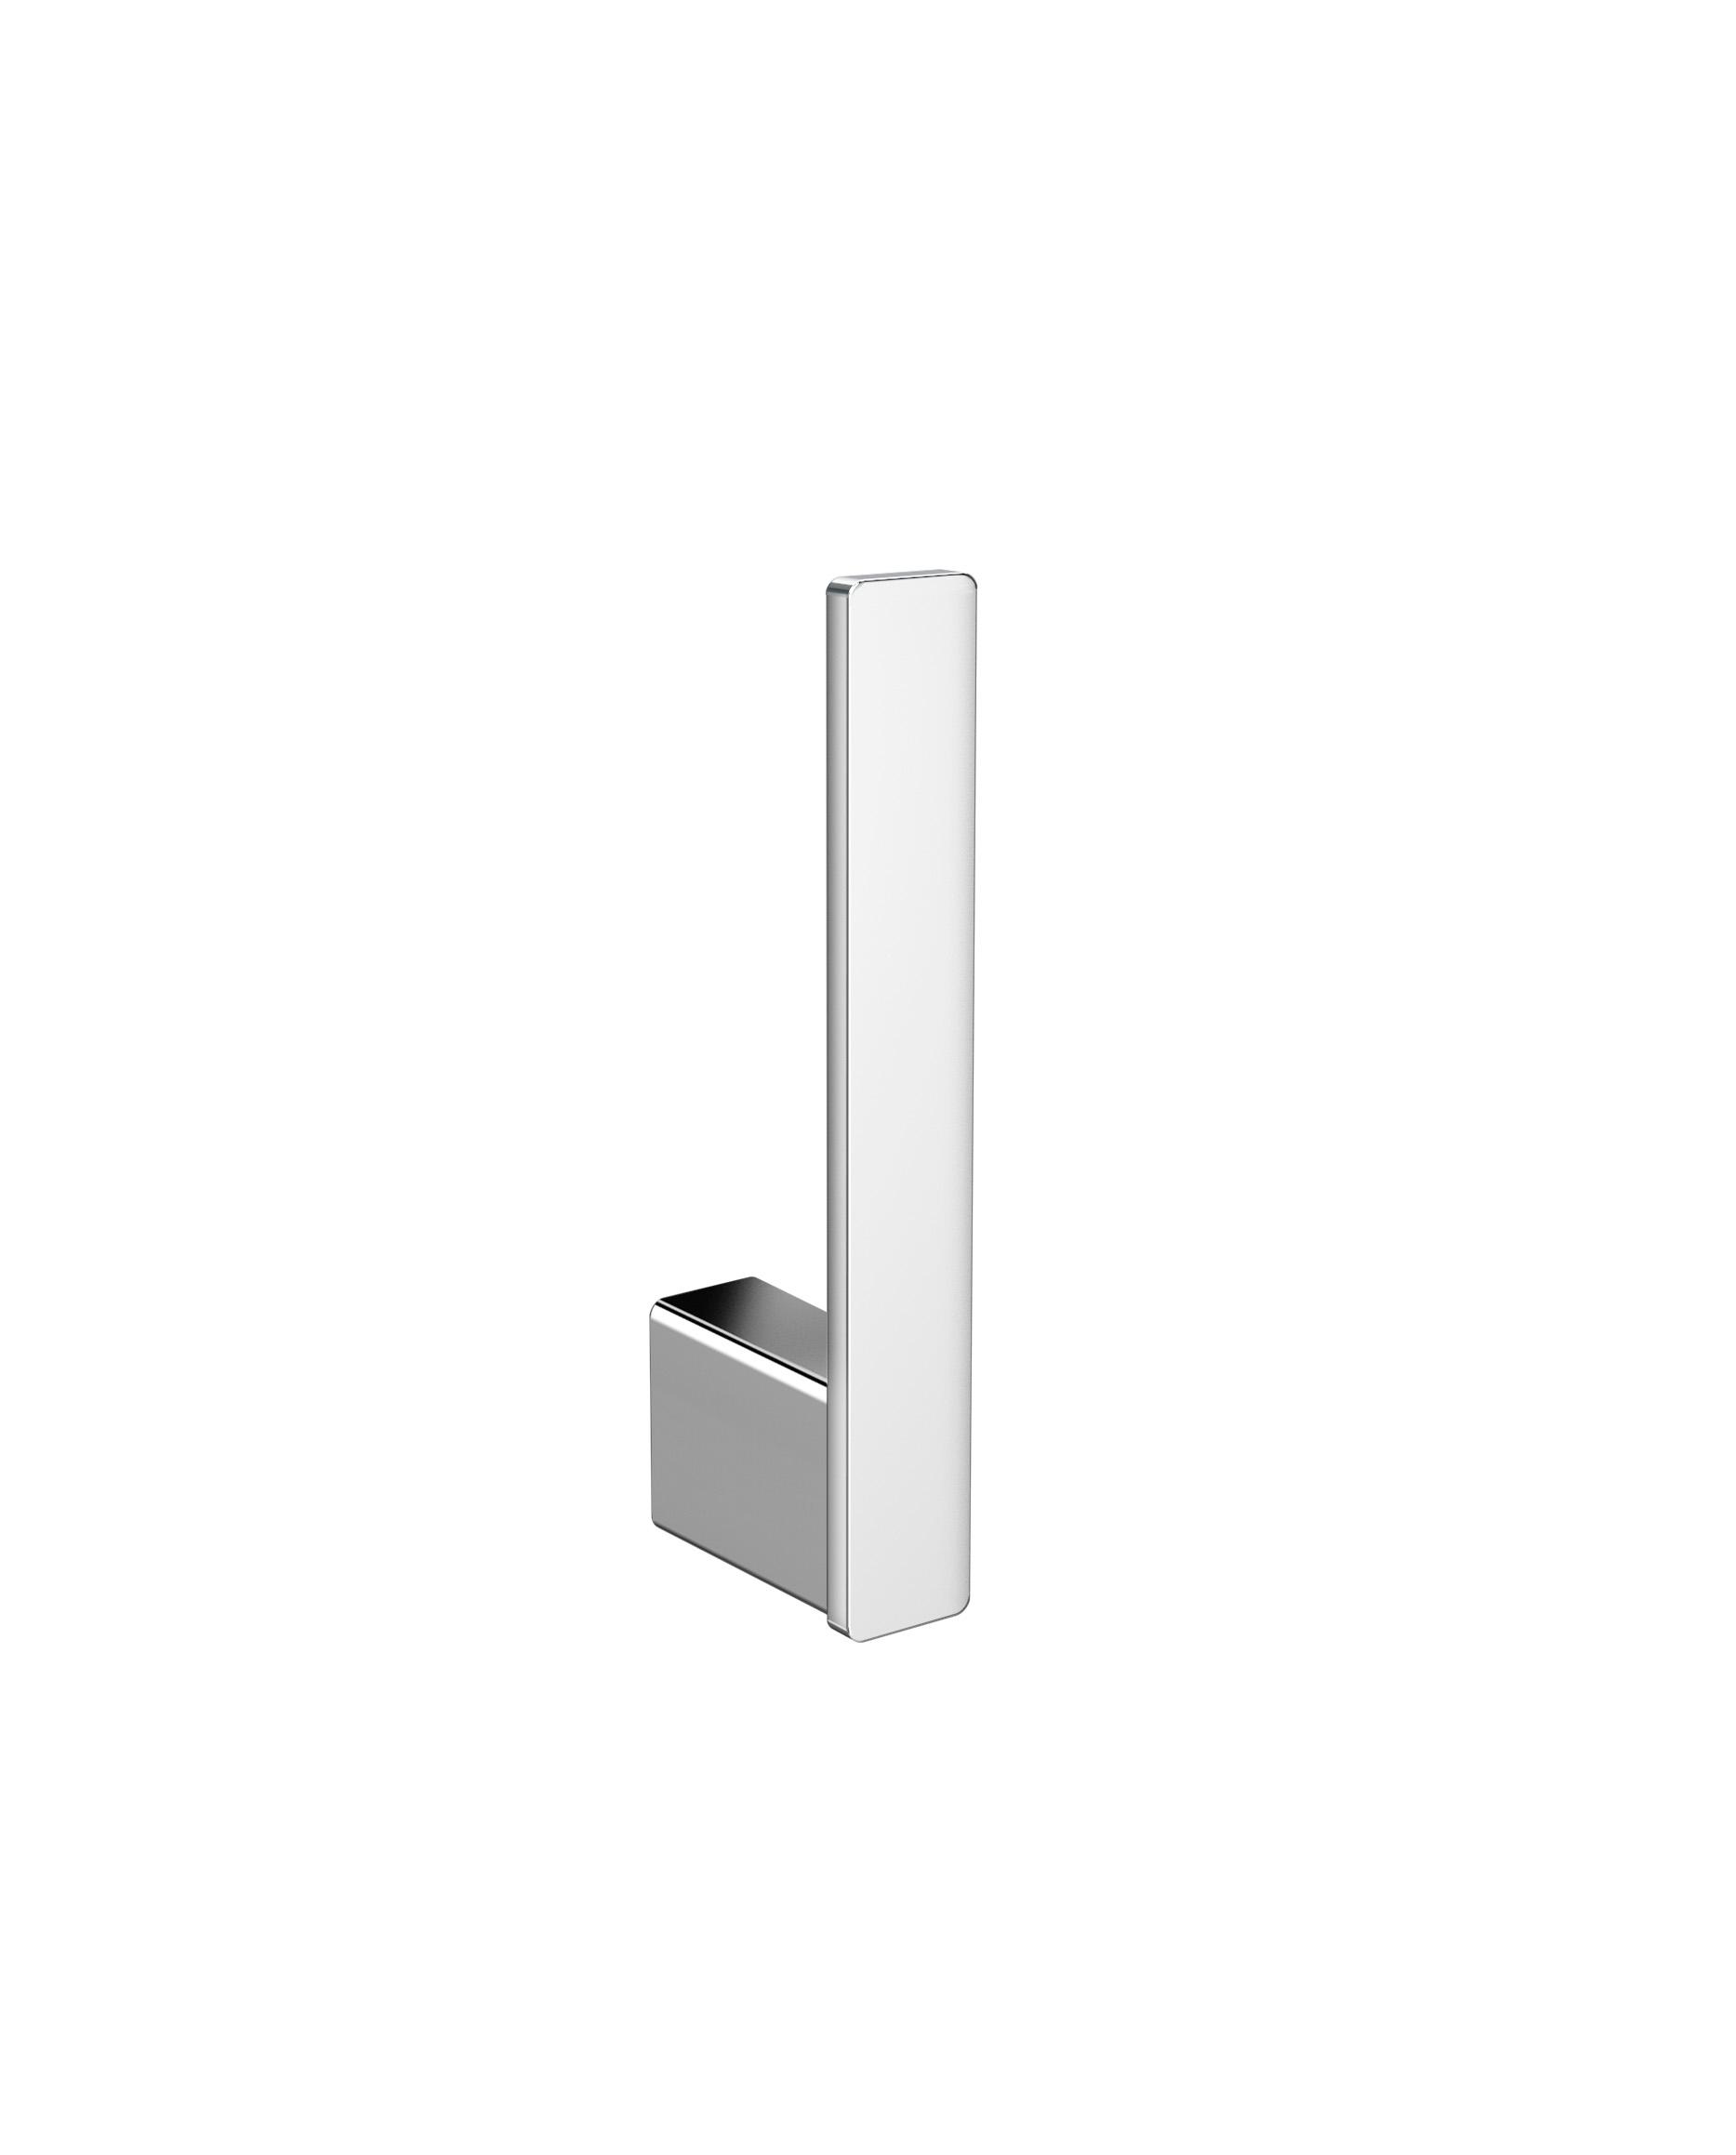 Emco loft Reservepapierhalter Ausführung senkrecht für 1 Rolle chrom